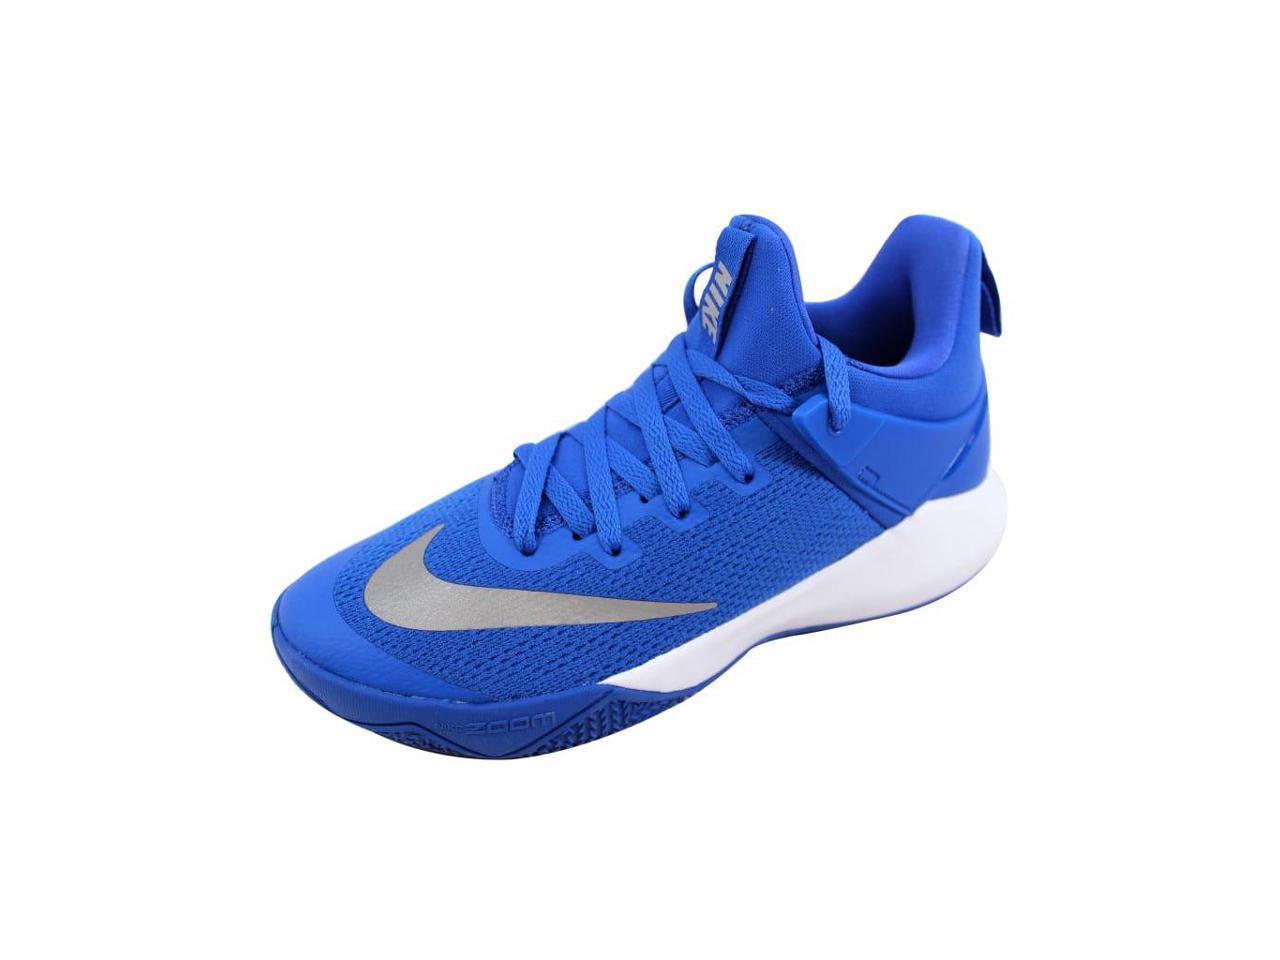 Nike Men's Zoom 897811-400 Shift TB Game Royal/White 897811-400 Zoom Size 5.5 8ba774